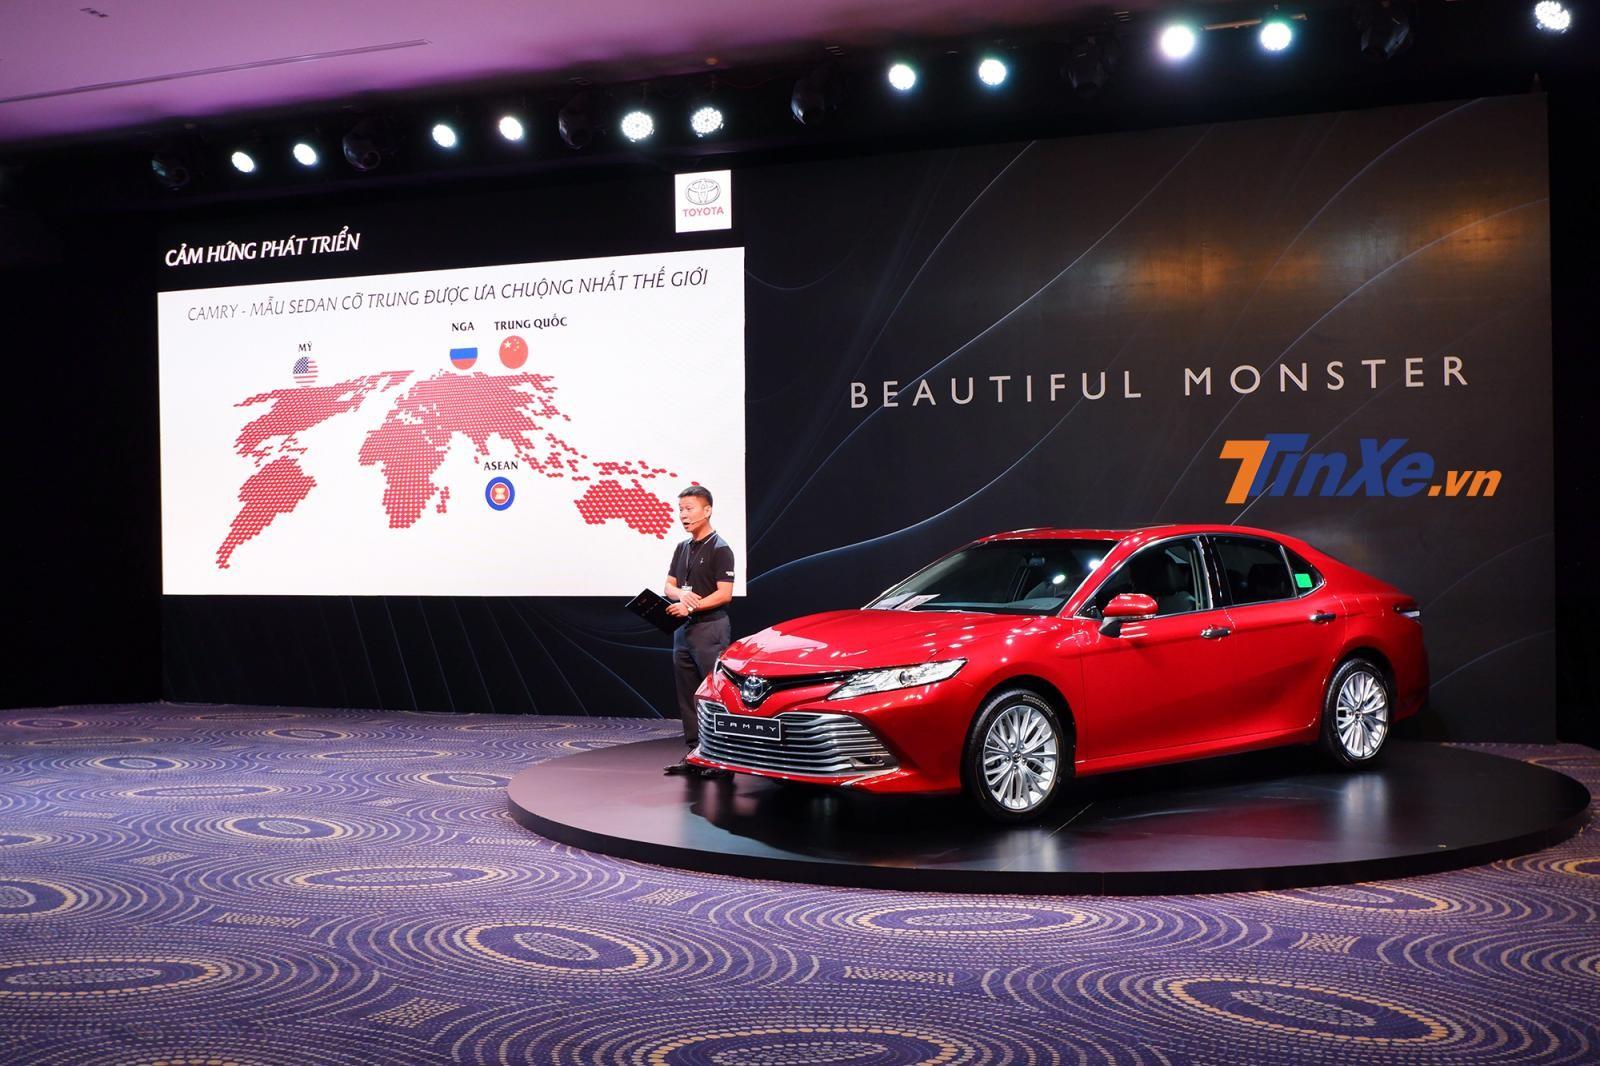 Toyota Camry 2019 sẽ chính thức được phân phối ra thị trường Việt Nam từ ngày 24/4